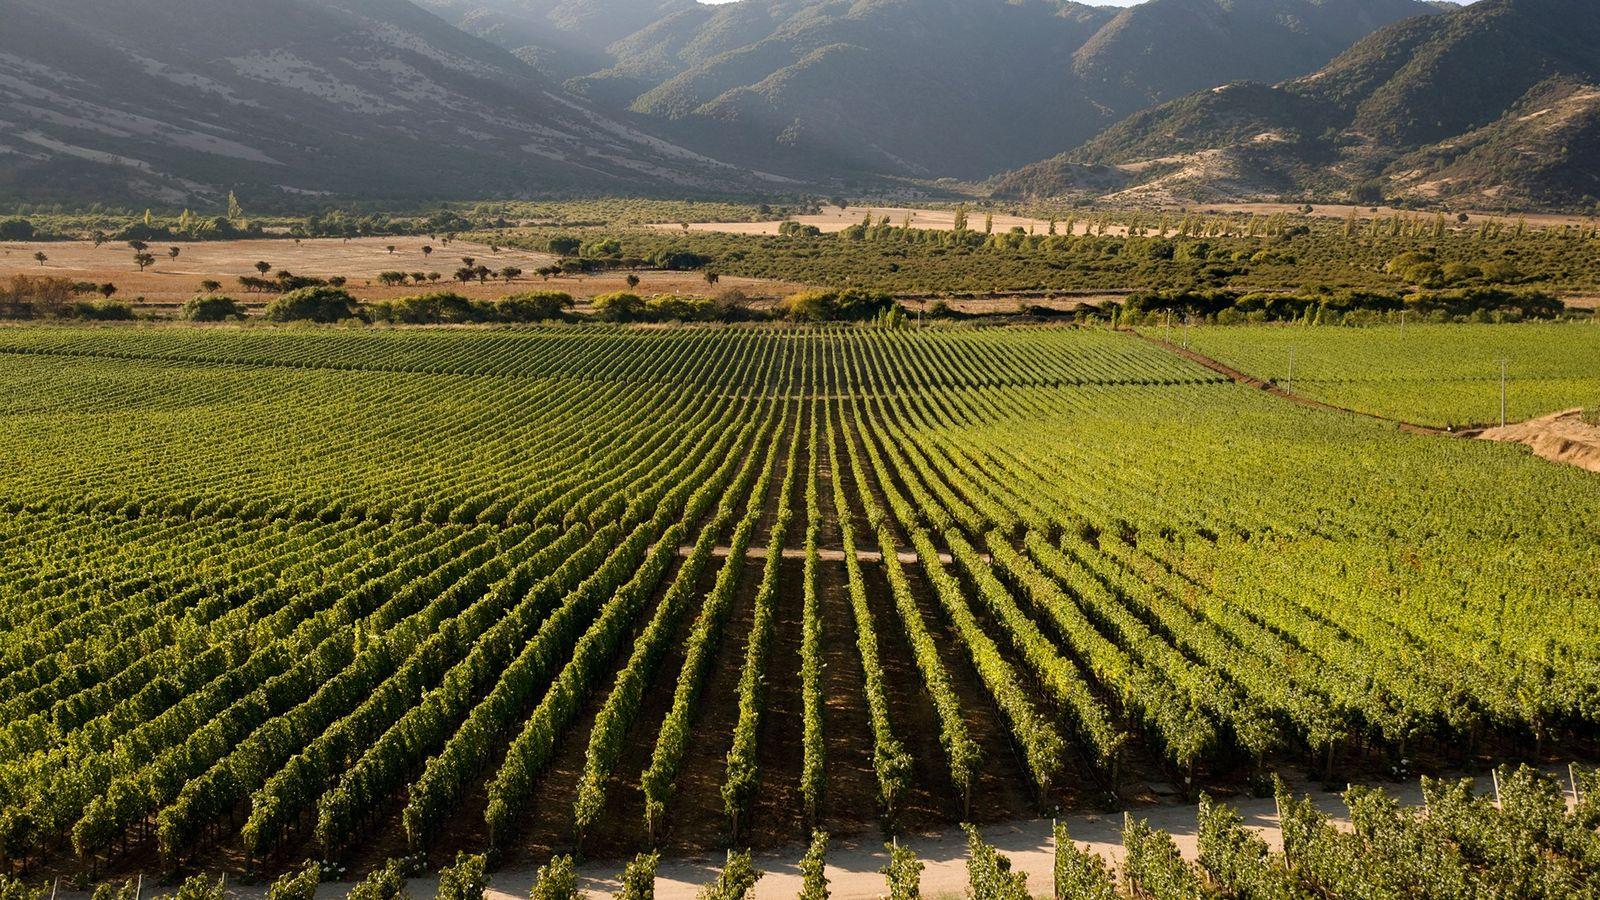 O belo Vale do Colchagua, no Chile, é famoso por seus vinhos tintos vibrantes.